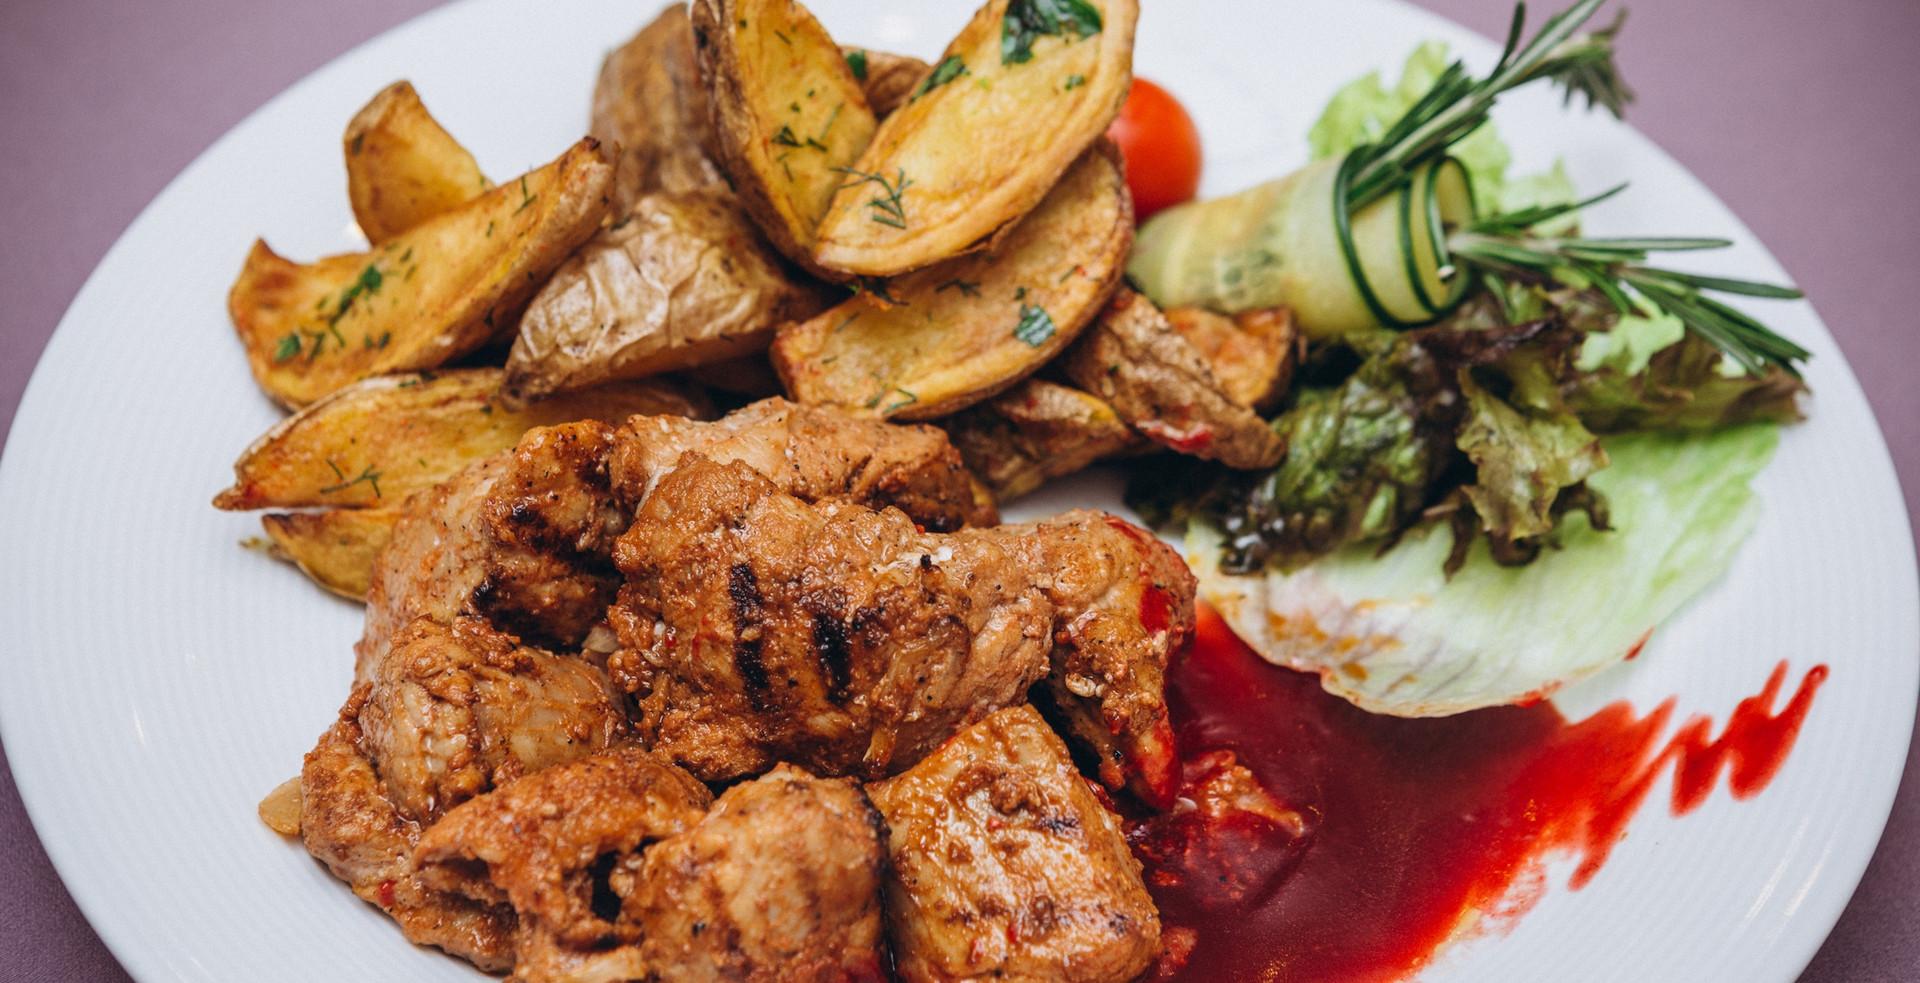 Шашлык из свиной шеи с картофелем по-деревенски